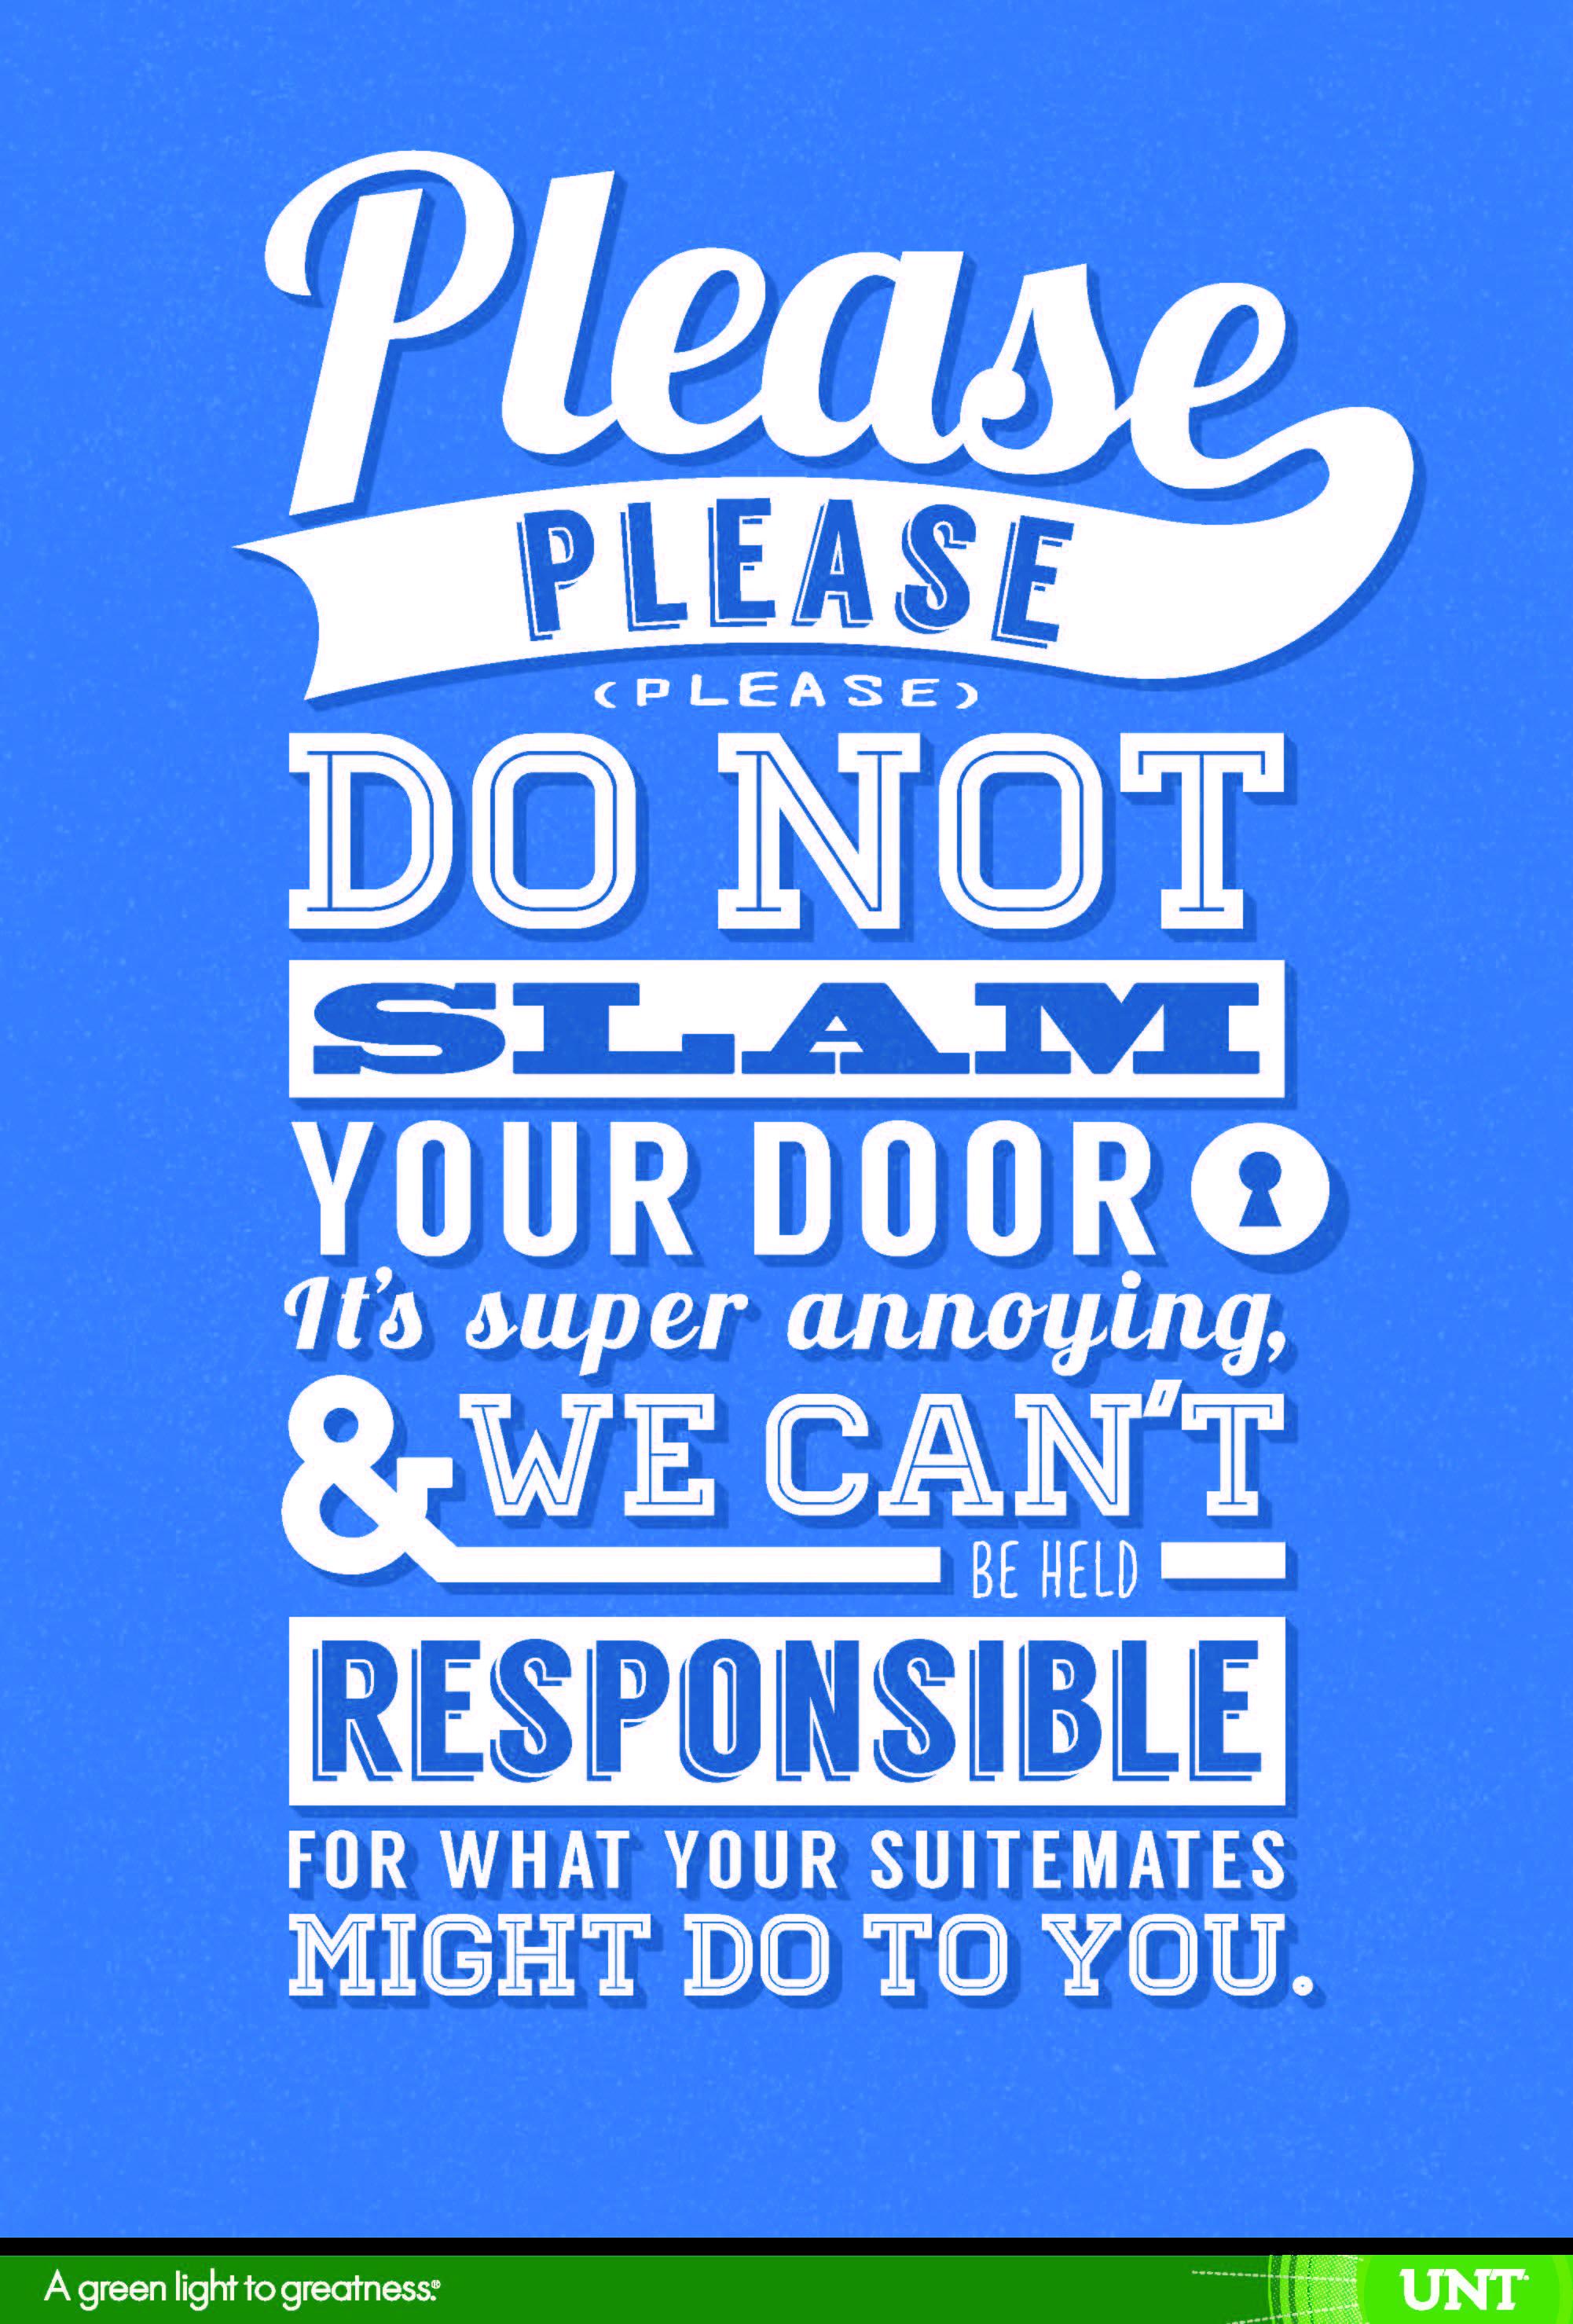 Please Please Please donu0027t slam that door!  sc 1 st  Pinterest & Please Please Please donu0027t slam that door! | UNT Housing Posters ...